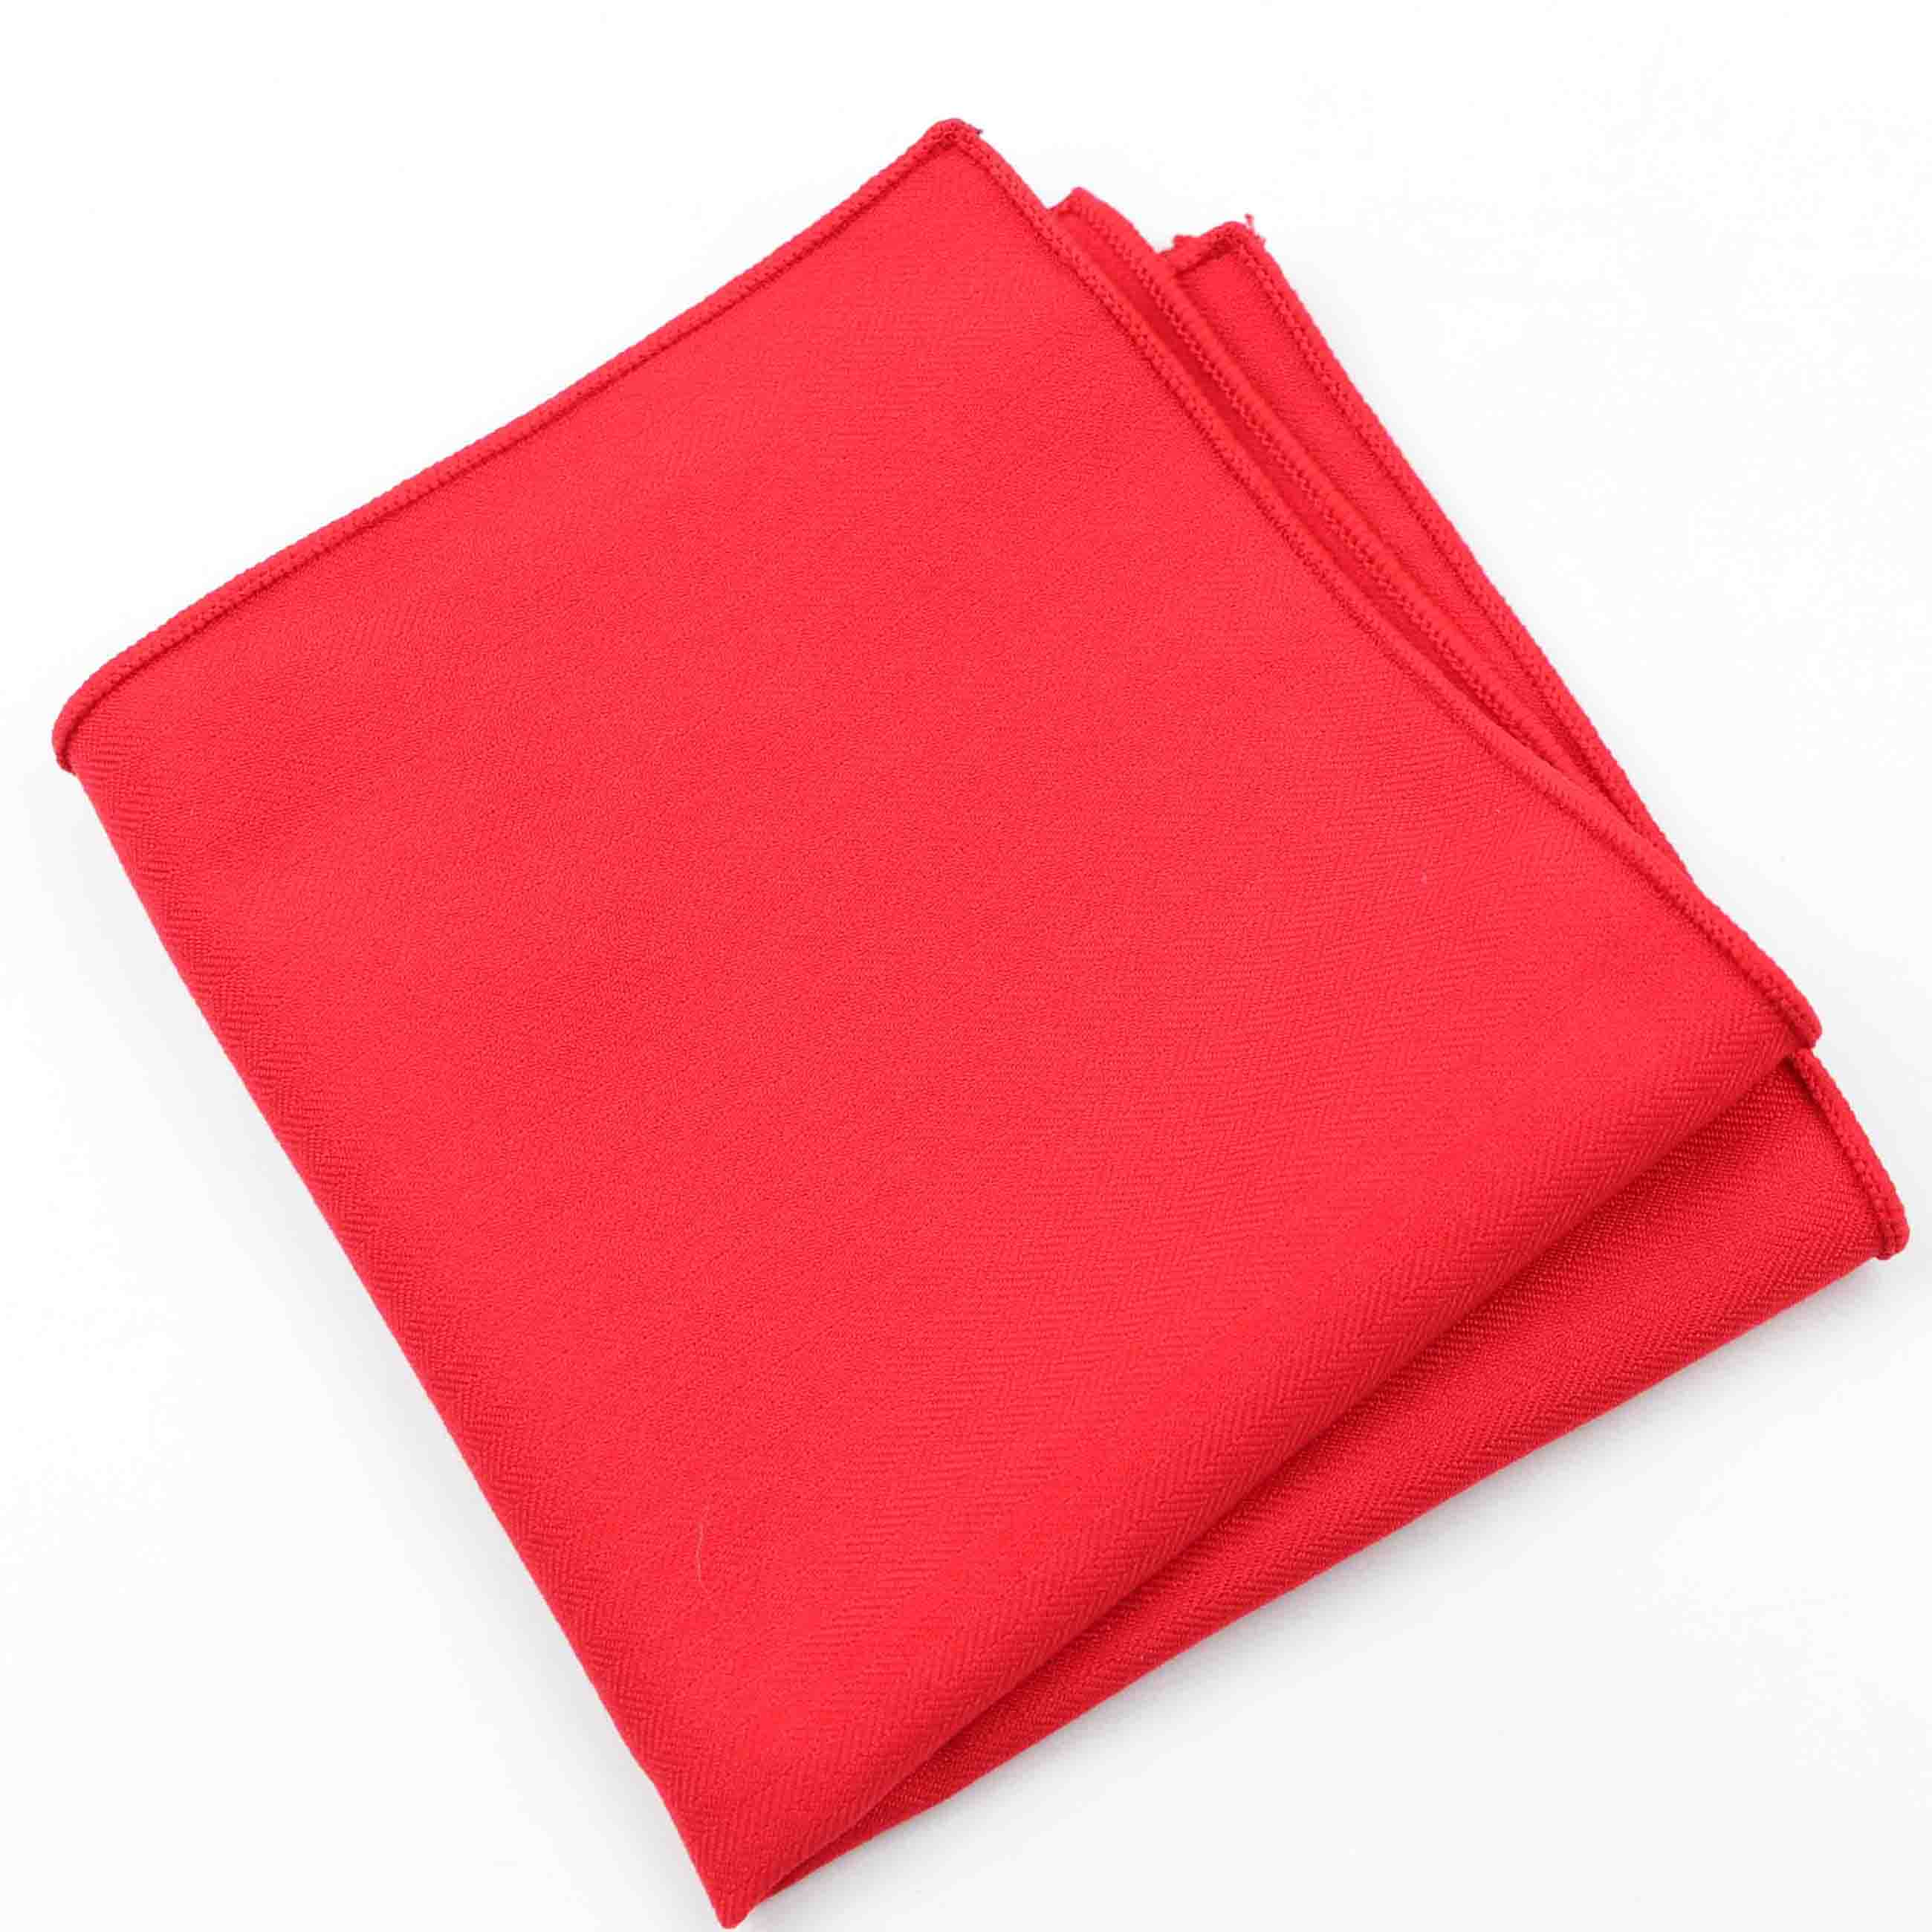 Однотонный платок, шарфы, винтажный хлопковый мужской Карманный квадратный носовой платок